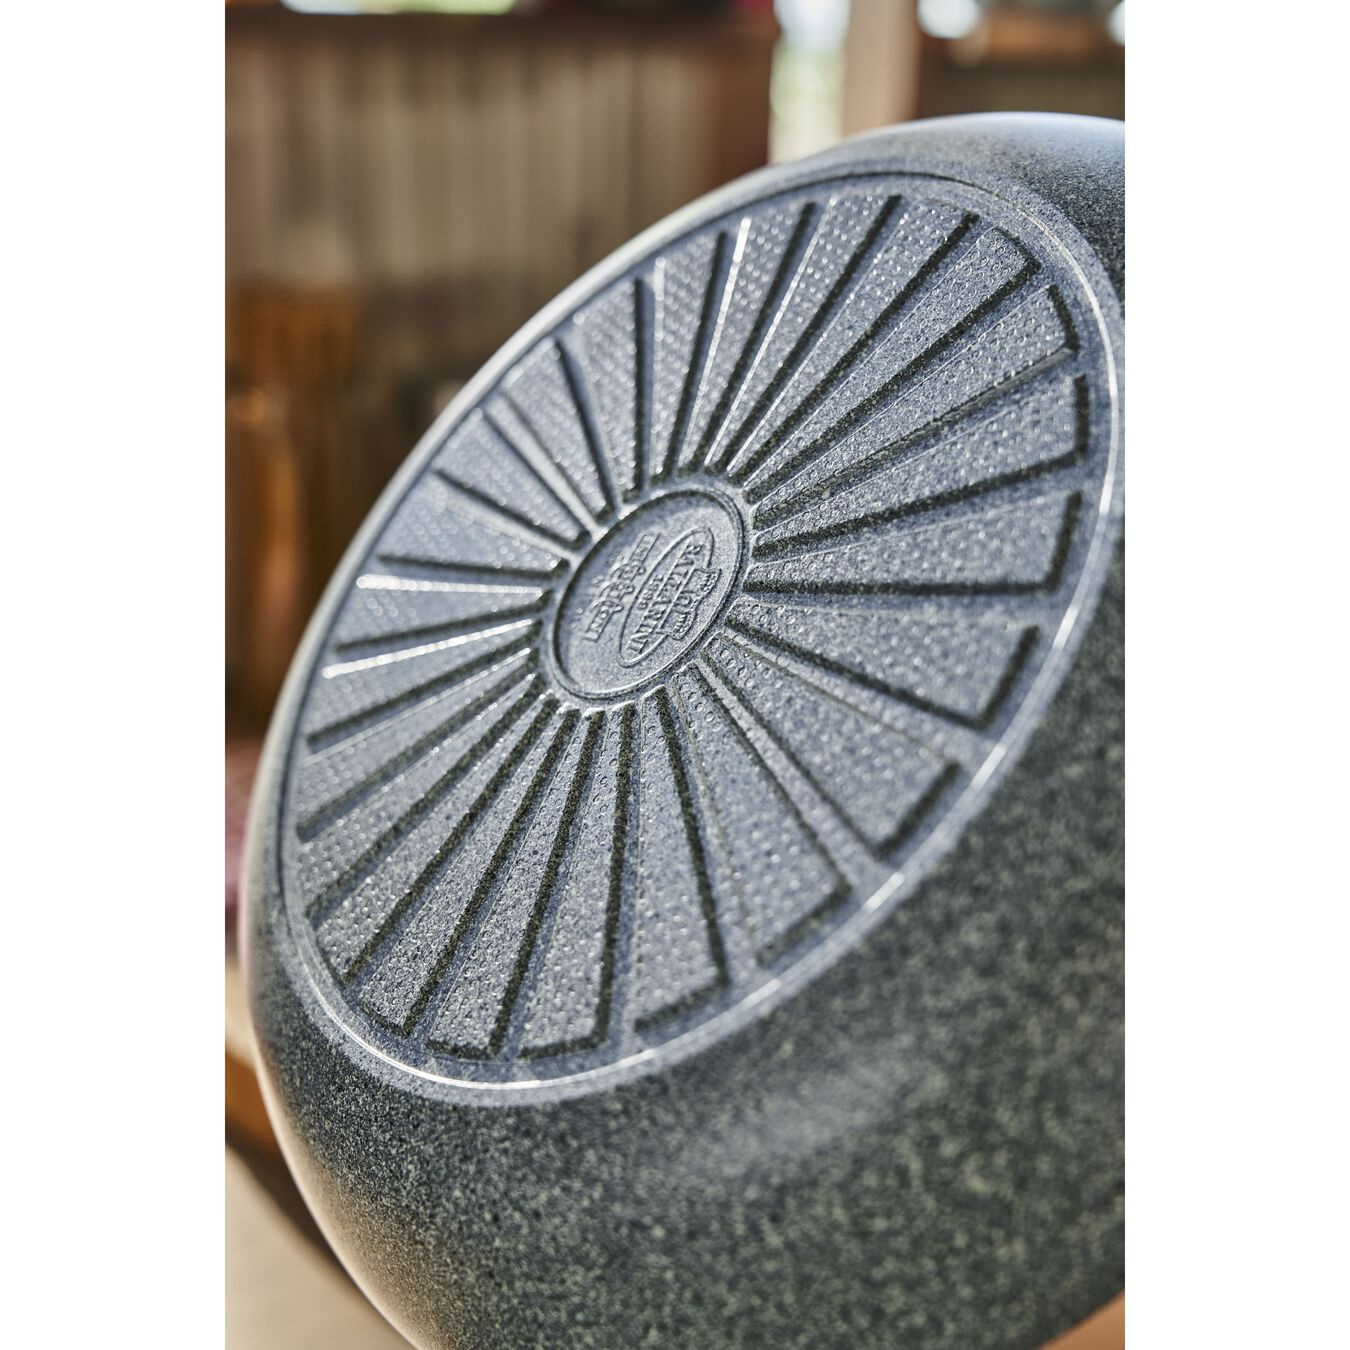 Padella - 28 cm, alluminio, Granitium Extreme,,large 3